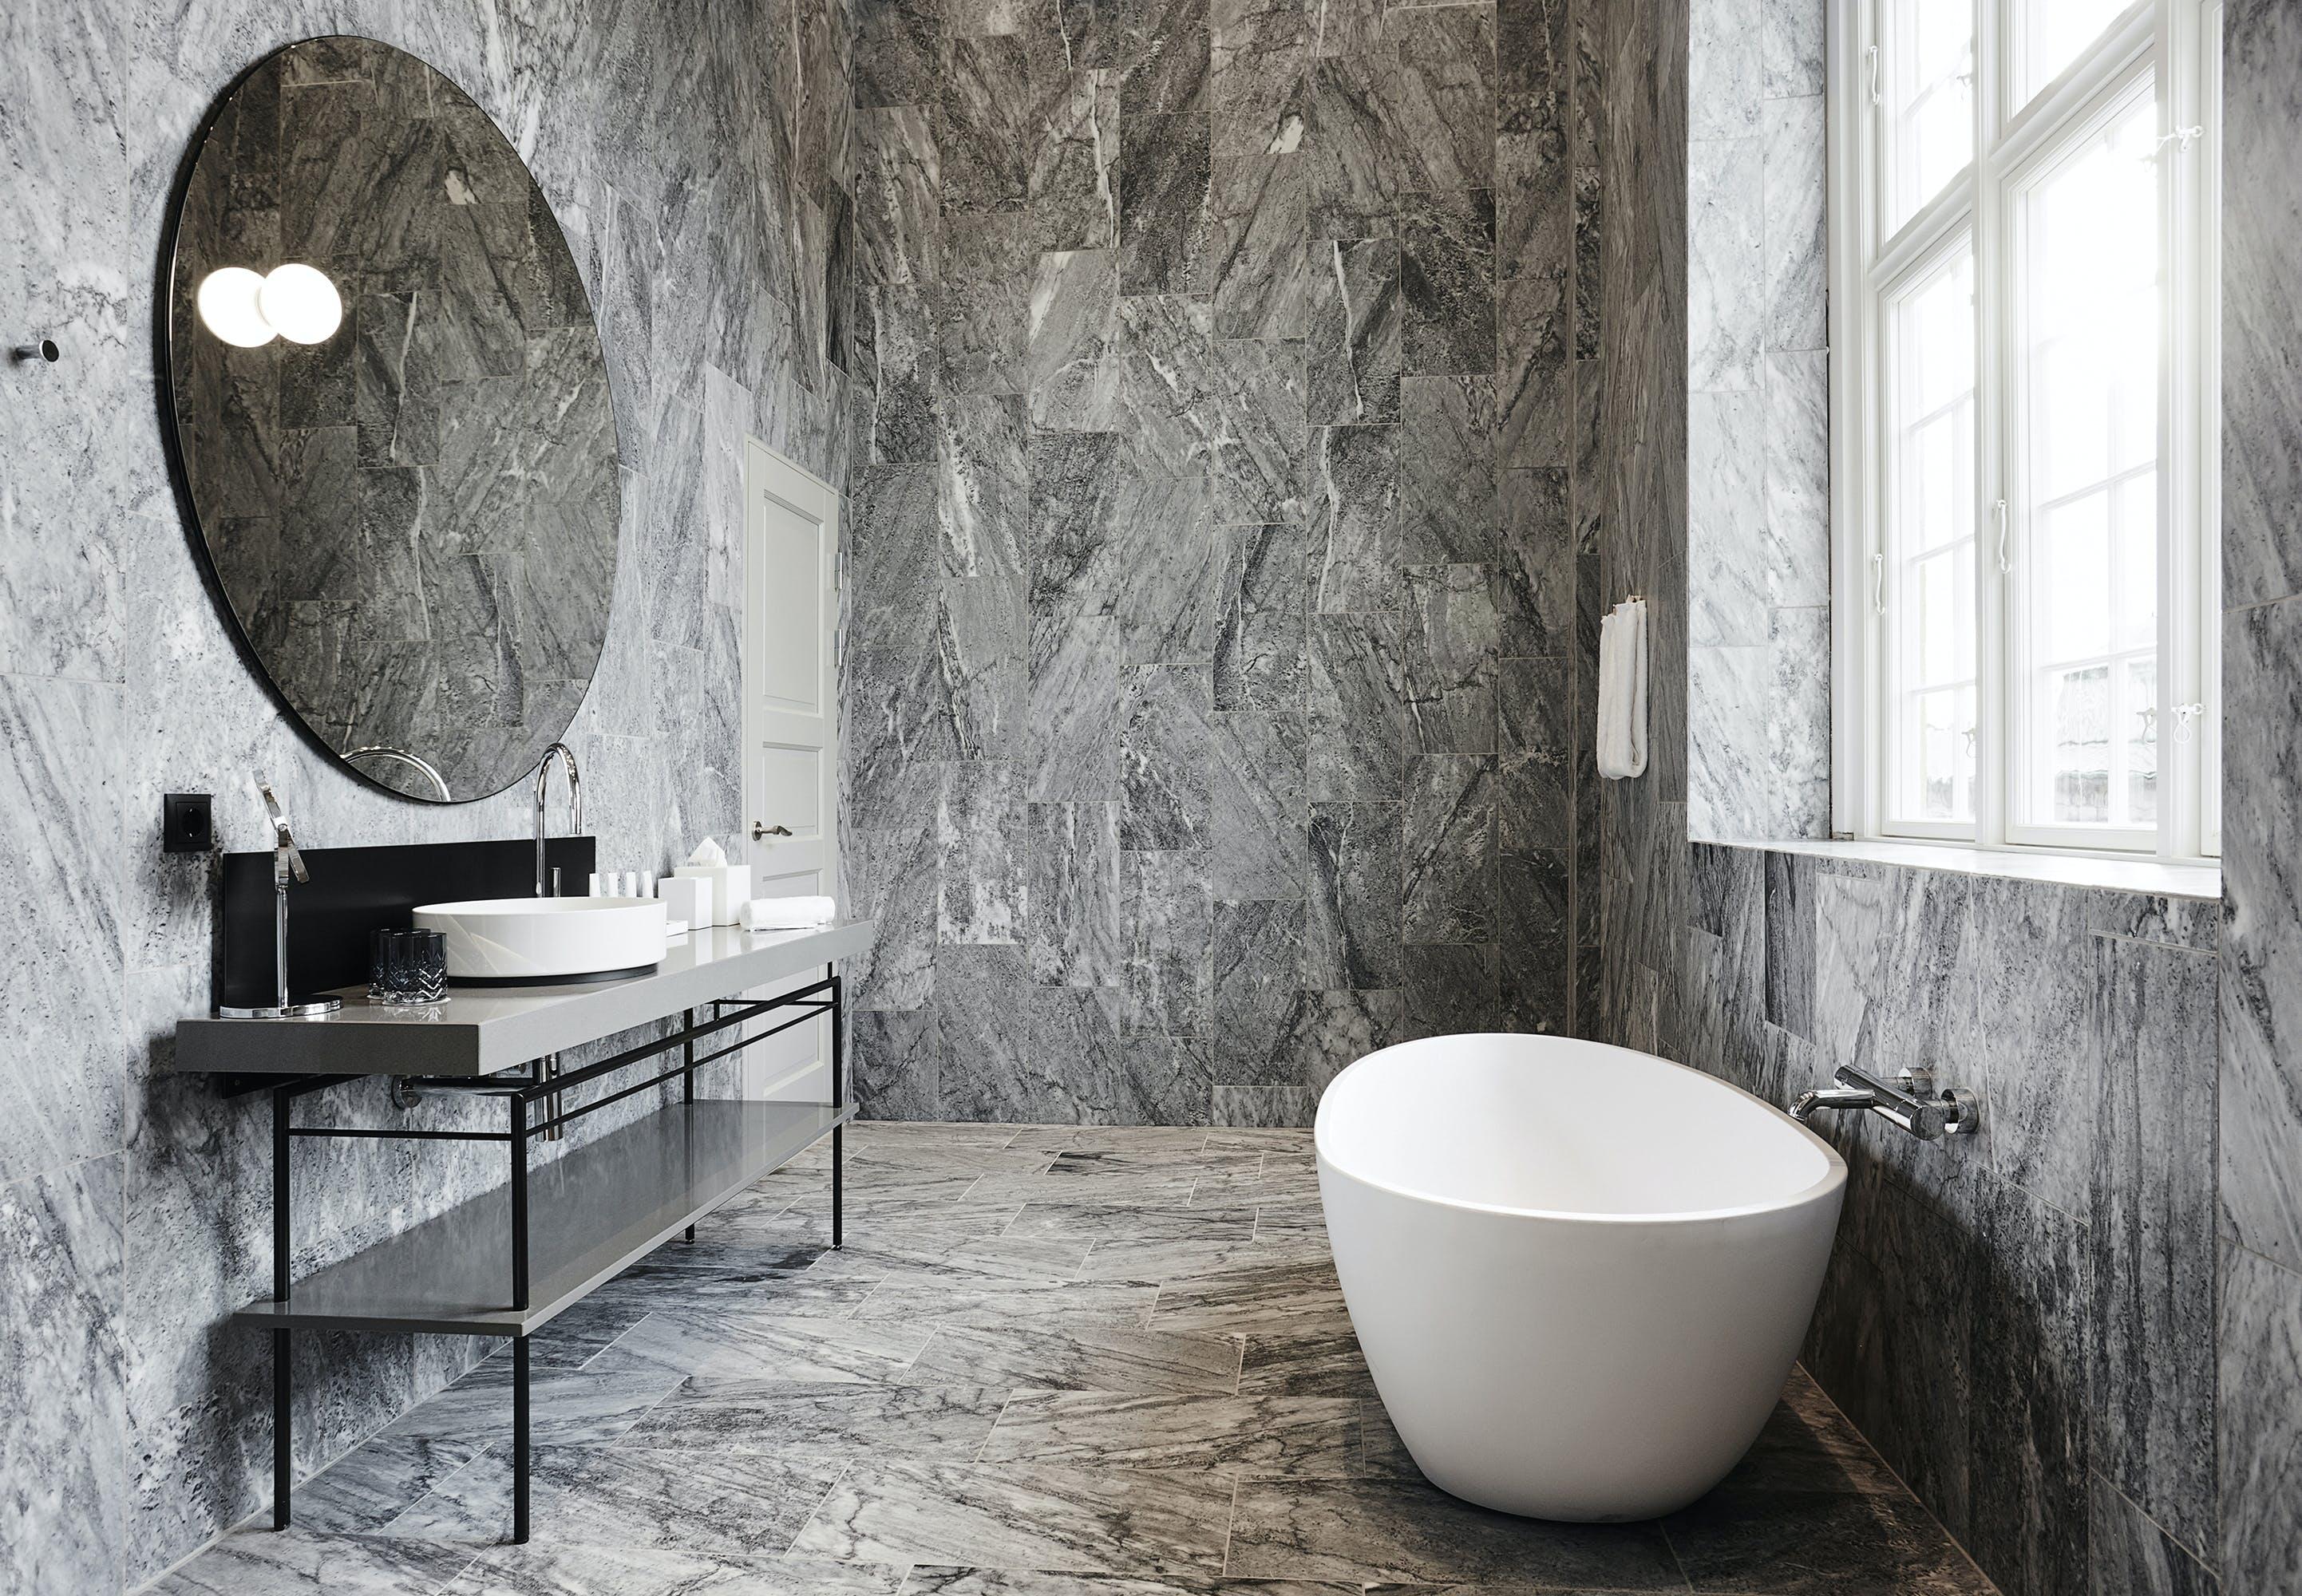 Nobis Hotel badeværelse med badekar og gulv og vægge i marmor